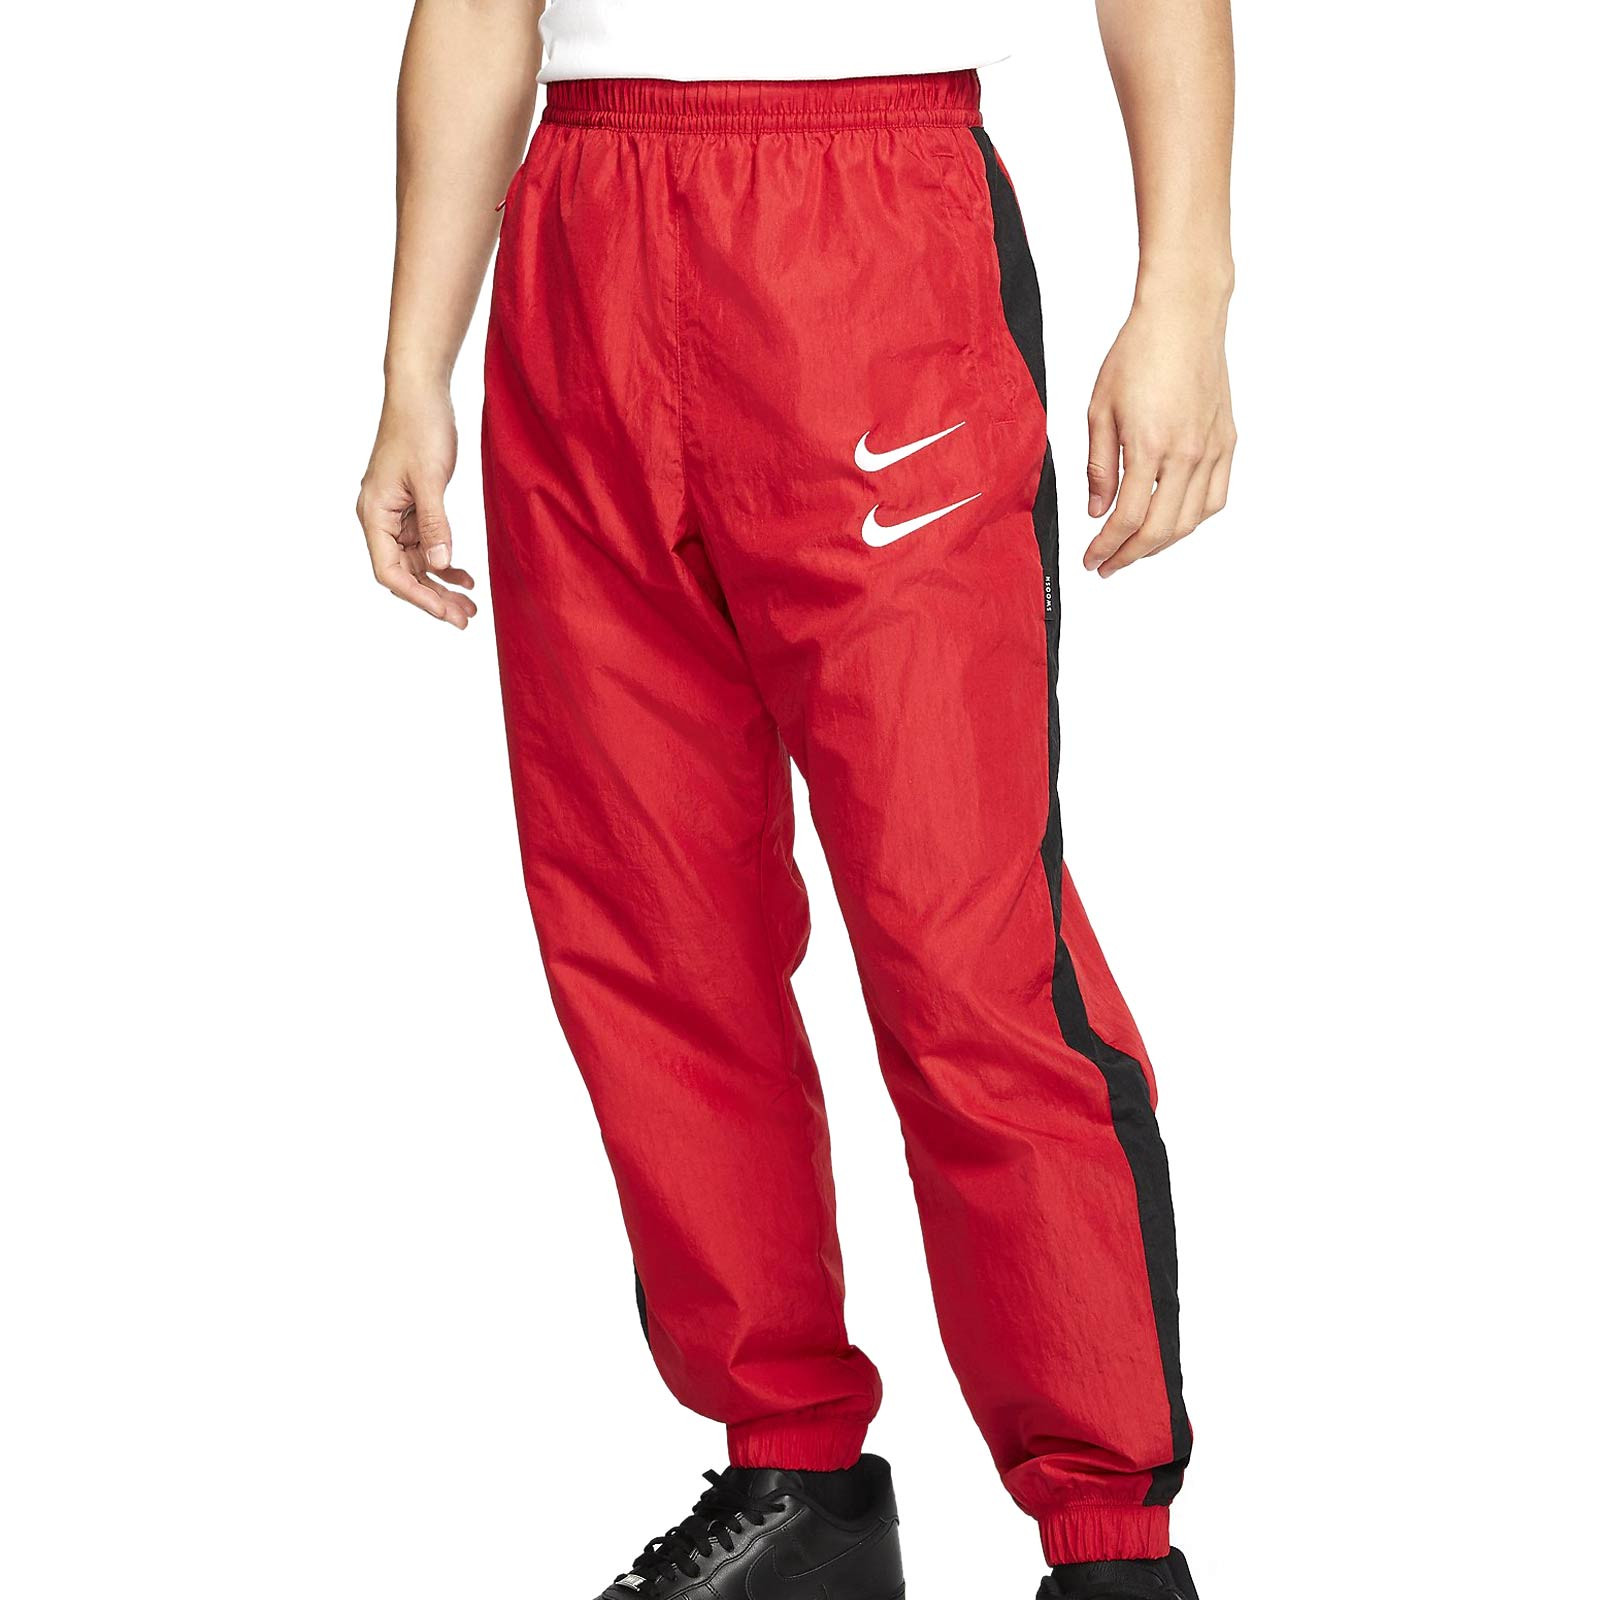 اللطف سفينة حربية تكملة Pantalones Rojos Hombre Nike Ballermann 6 Org